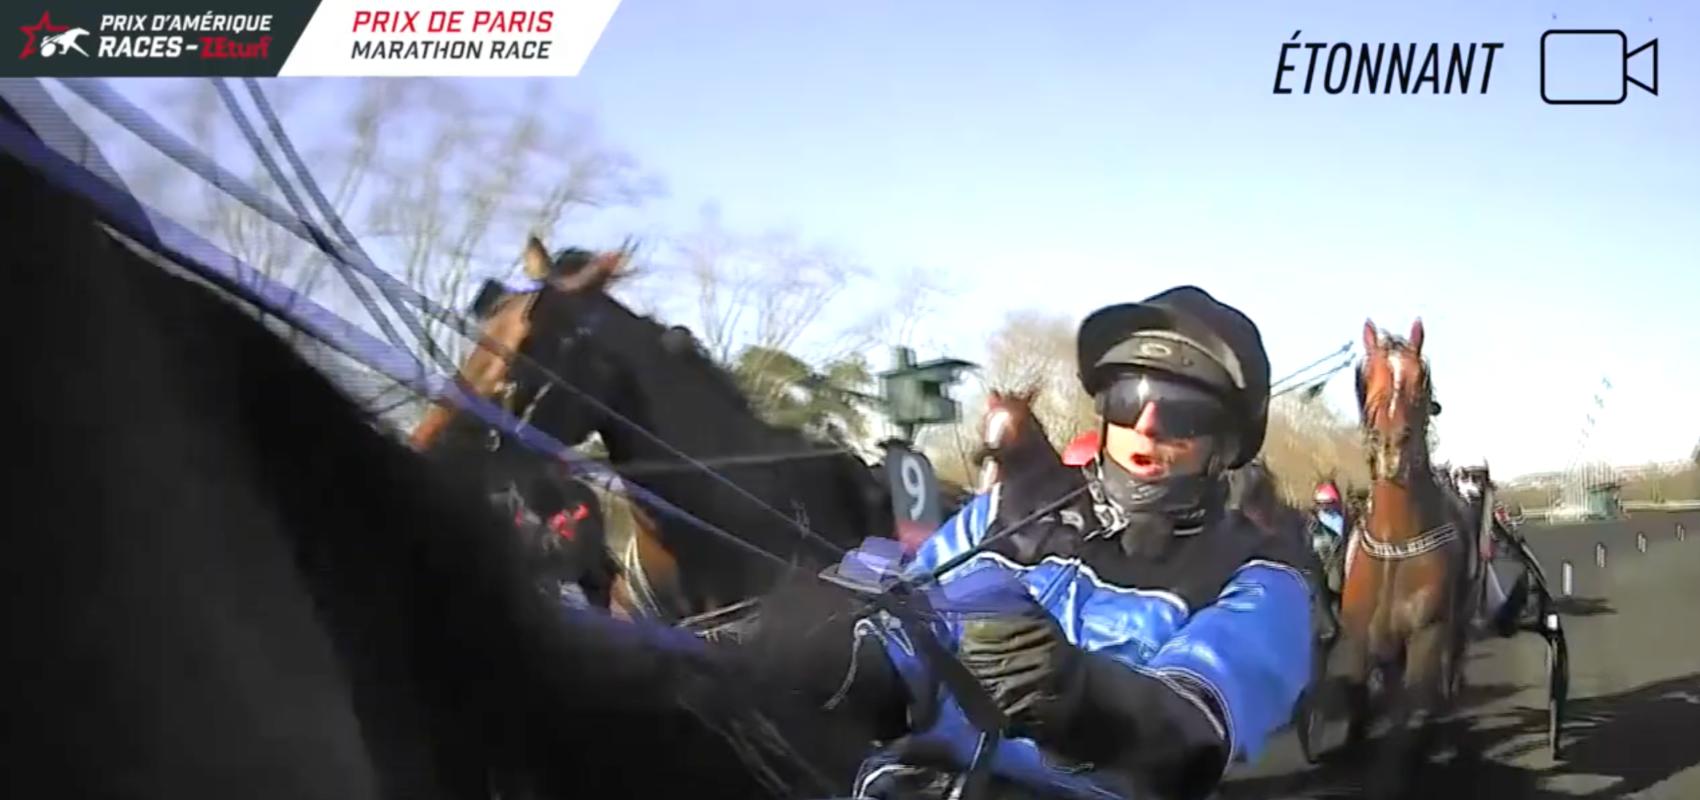 Le Prix de Paris Marathon Race comme vous ne l'avez jamais vu